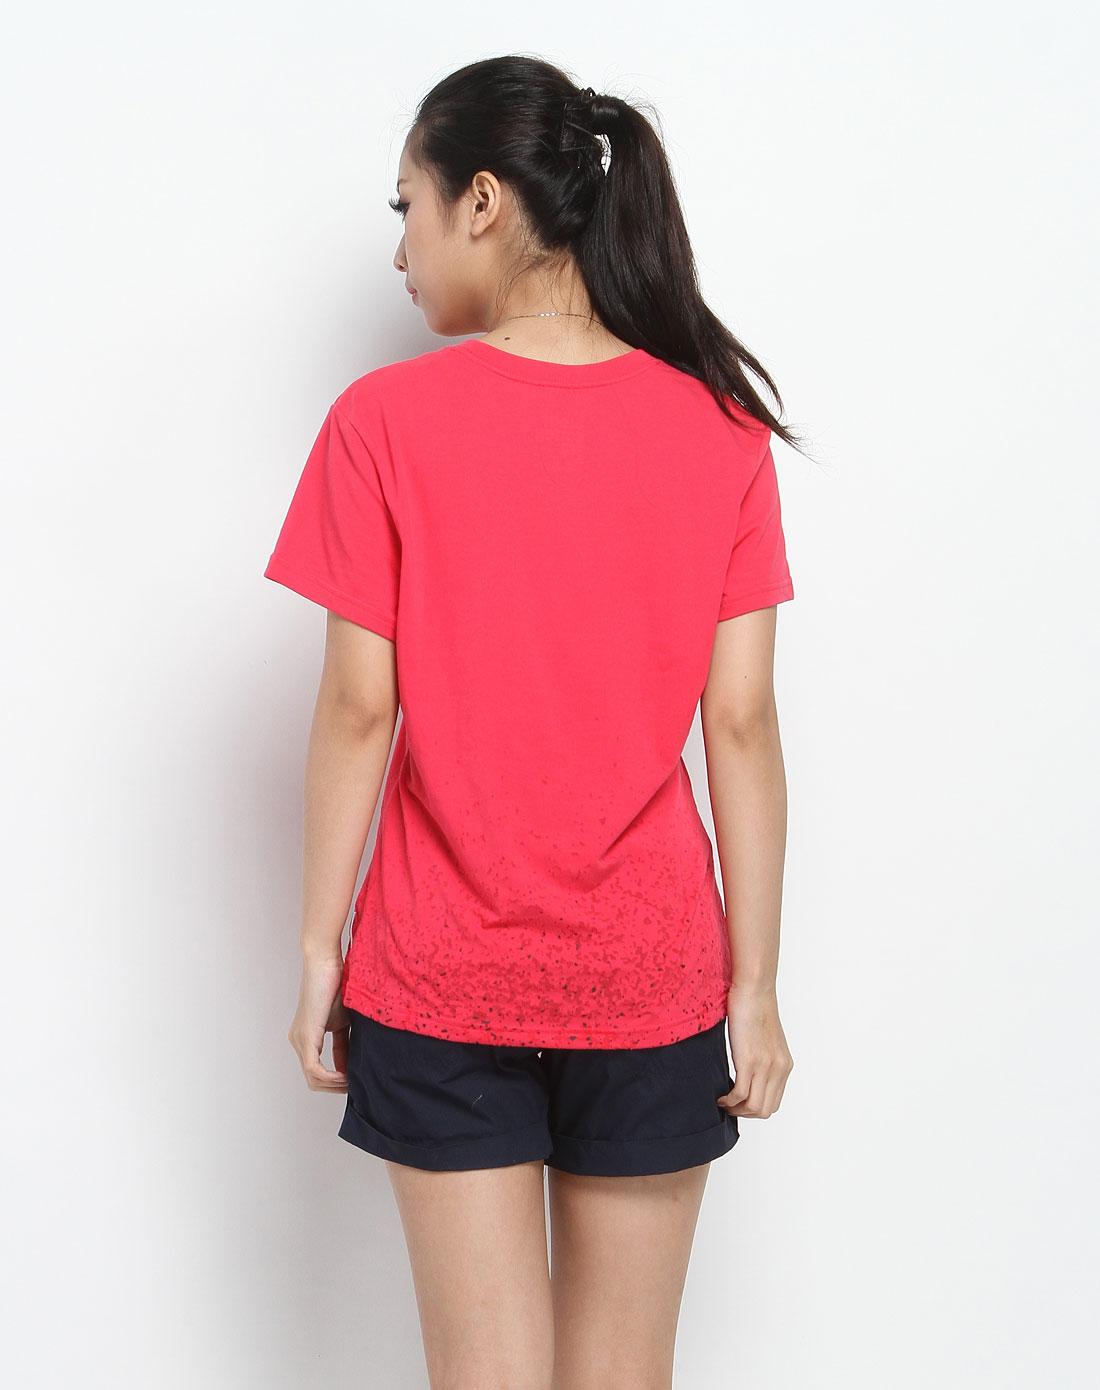 耐克nike圆领logo印字玫红色短袖t恤434806-615